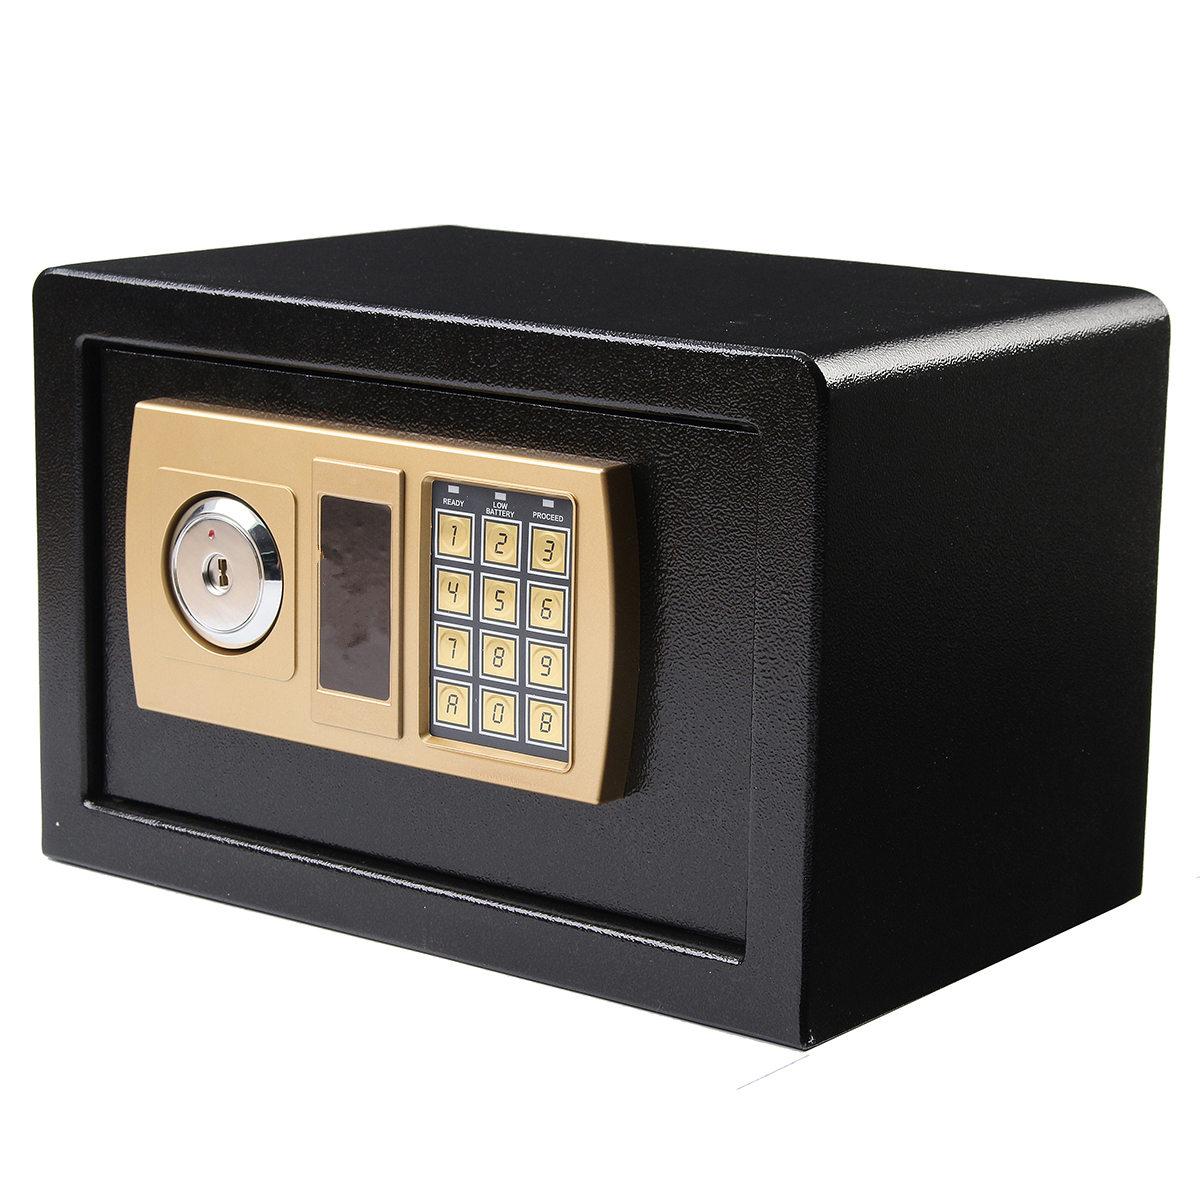 Safurance de lujo Depósito Digital Drop efectivo caja de seguridad joyería casa Hotel bloqueo teclado negro caja de seguridad 2018 nuevo